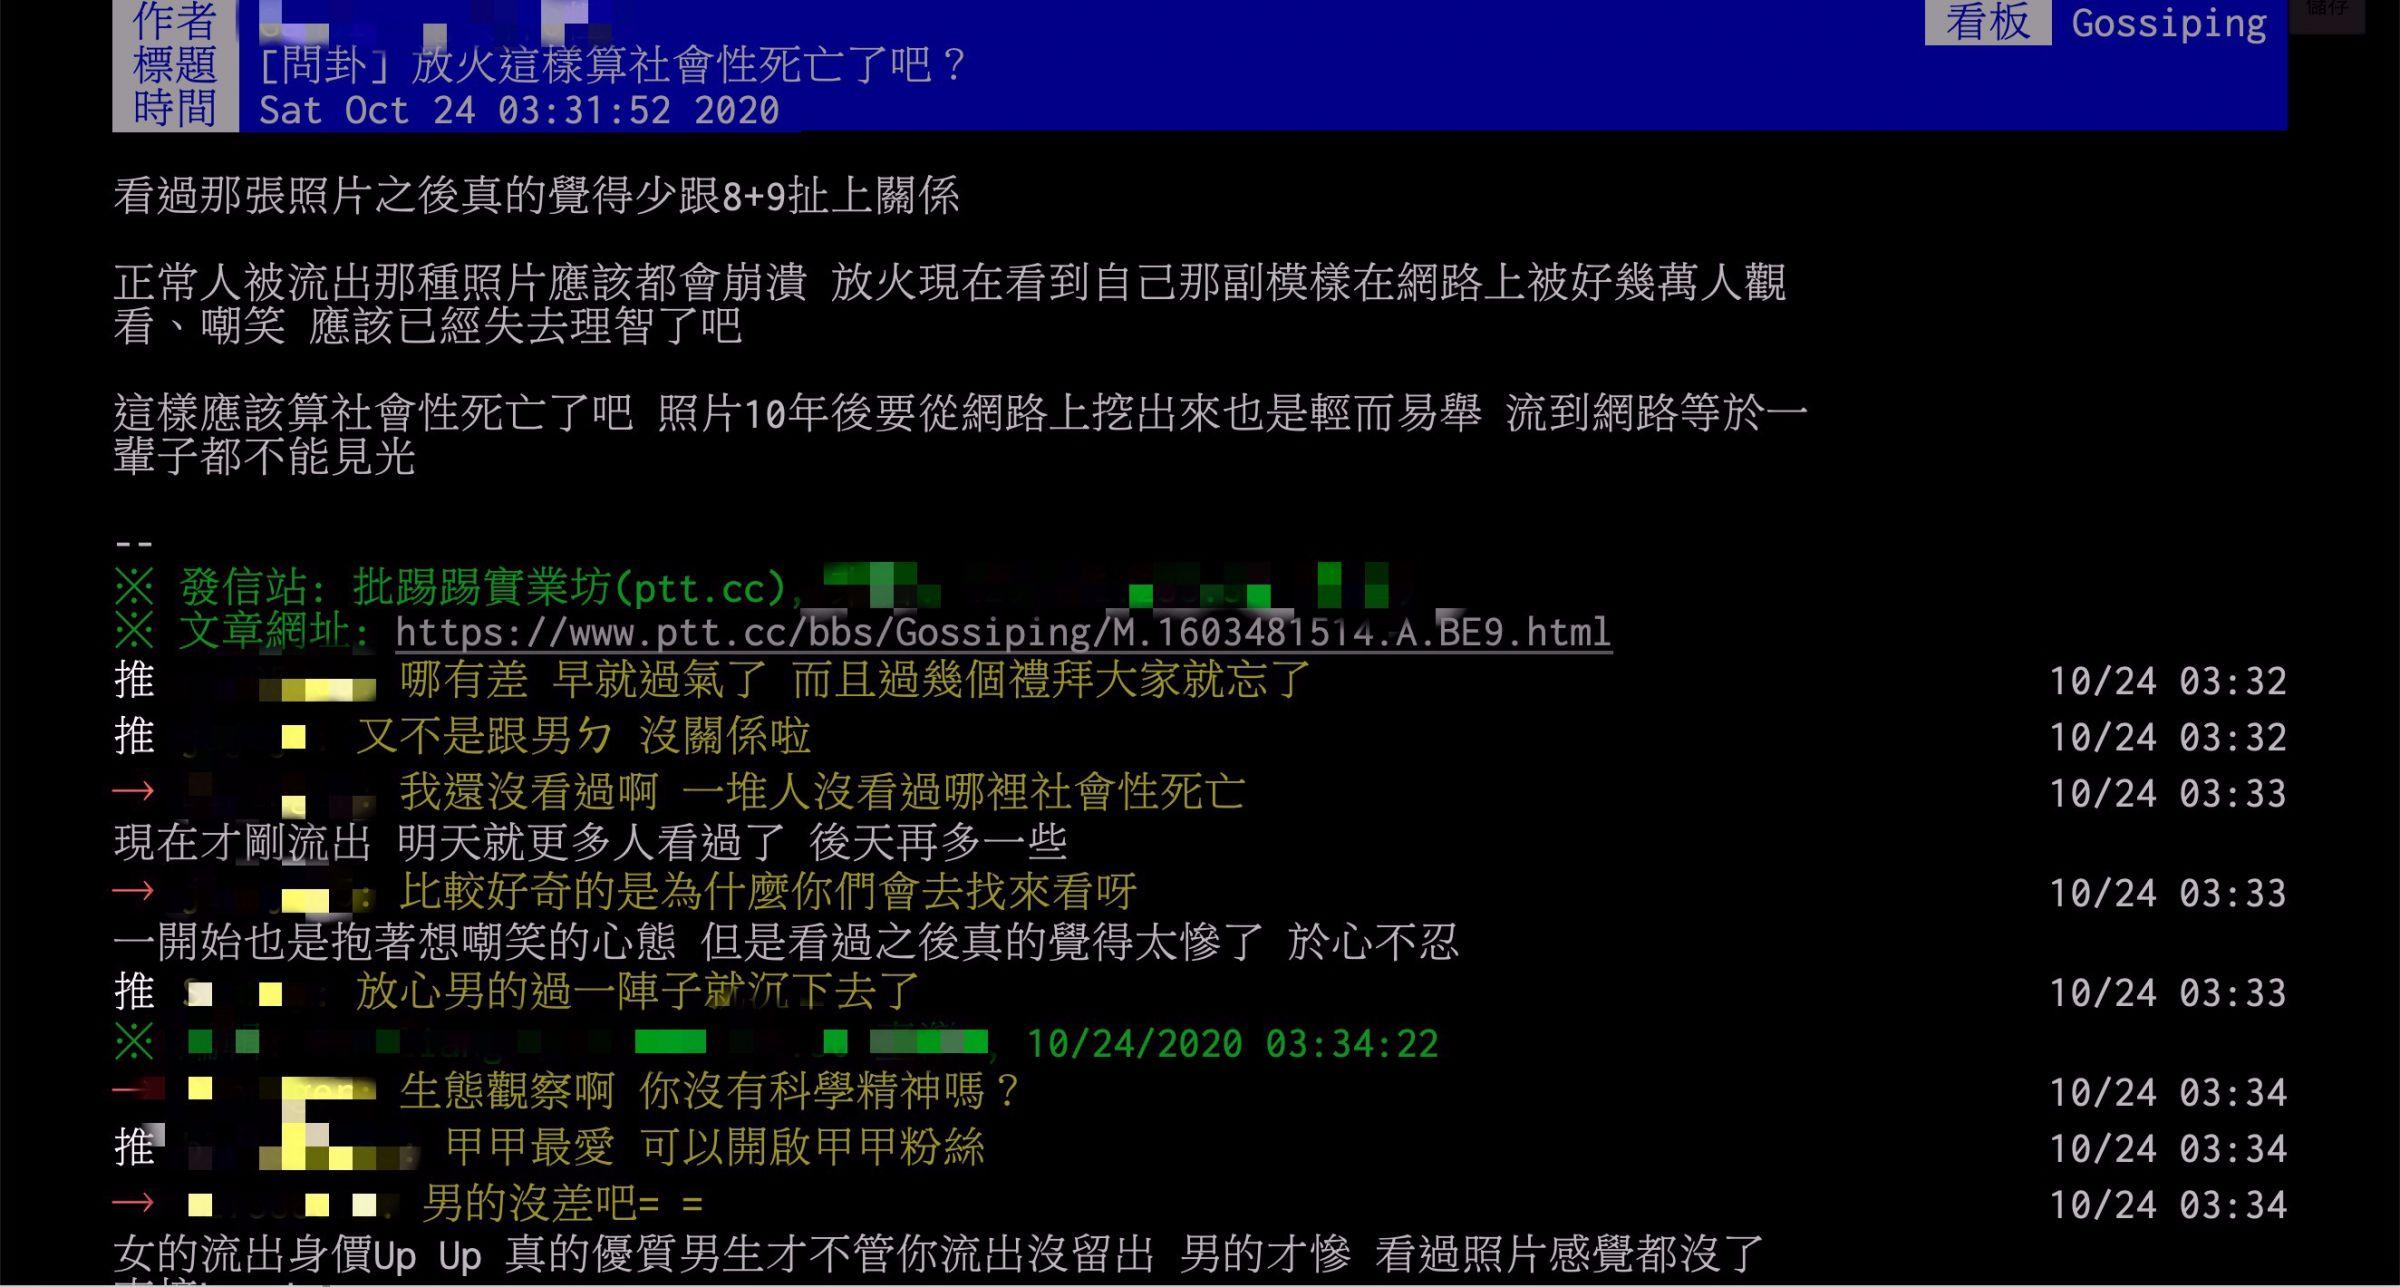 疑遭設計仙人跳!他問「放火社會性死亡?」 網諷:台灣人記性有限